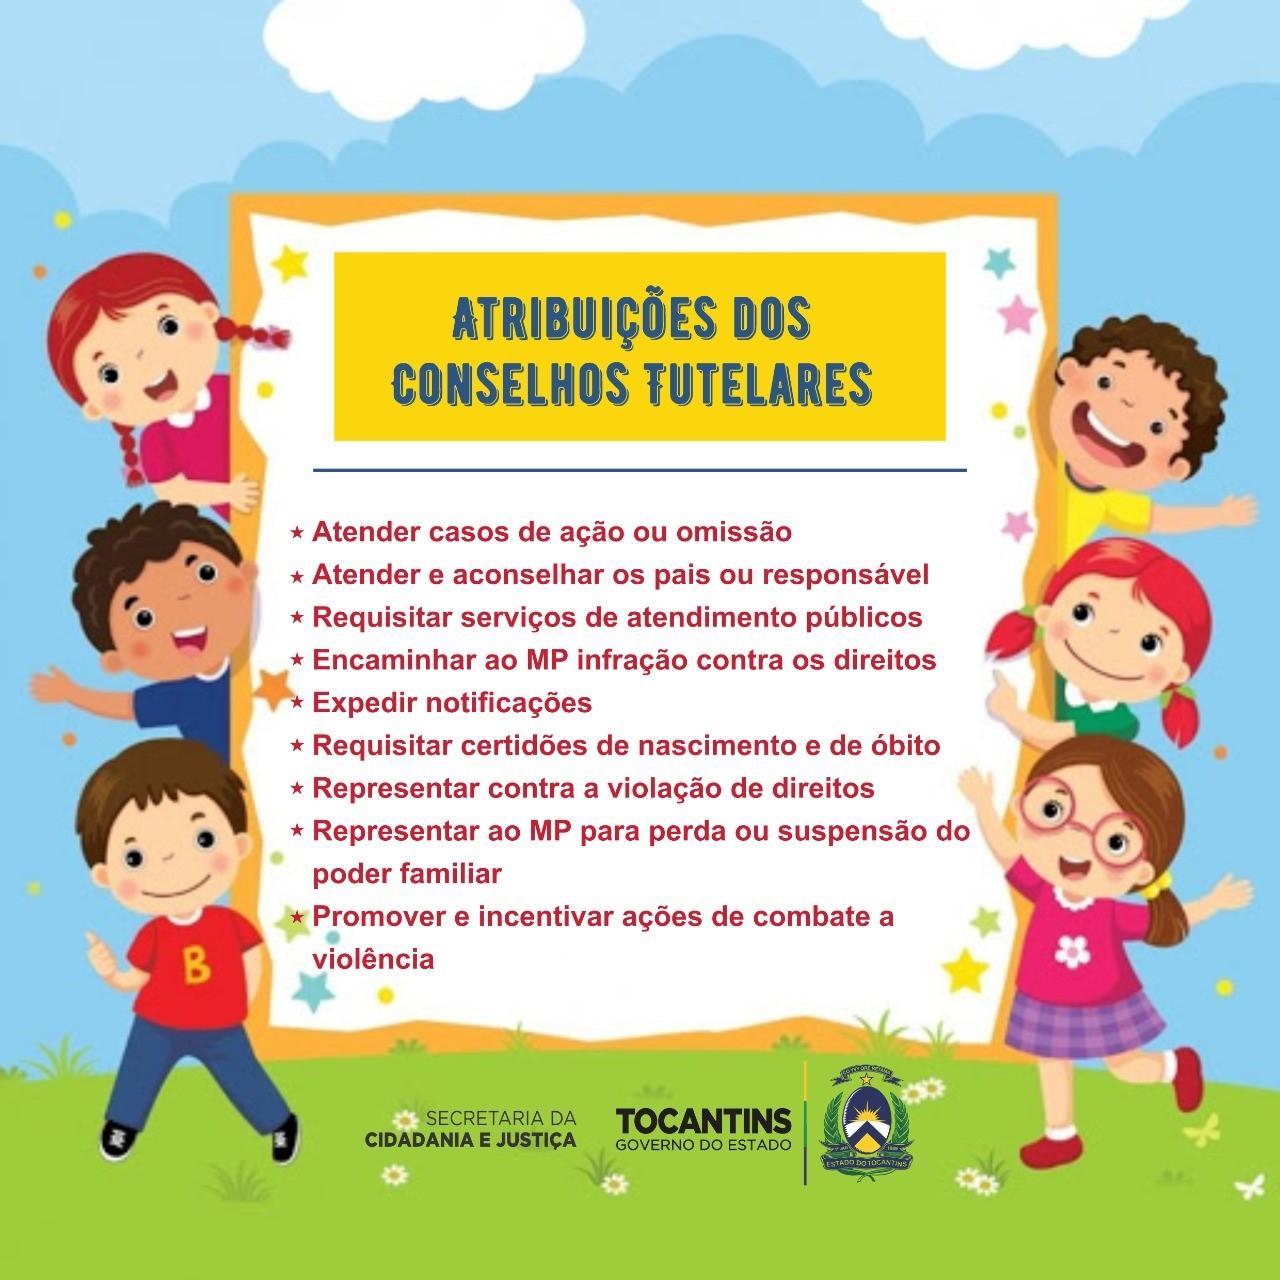 Conselho Estadual dos Direitos da Criança e do Adolescente se manifesta quanto ao desvio de função dos Conselhos Tutelares